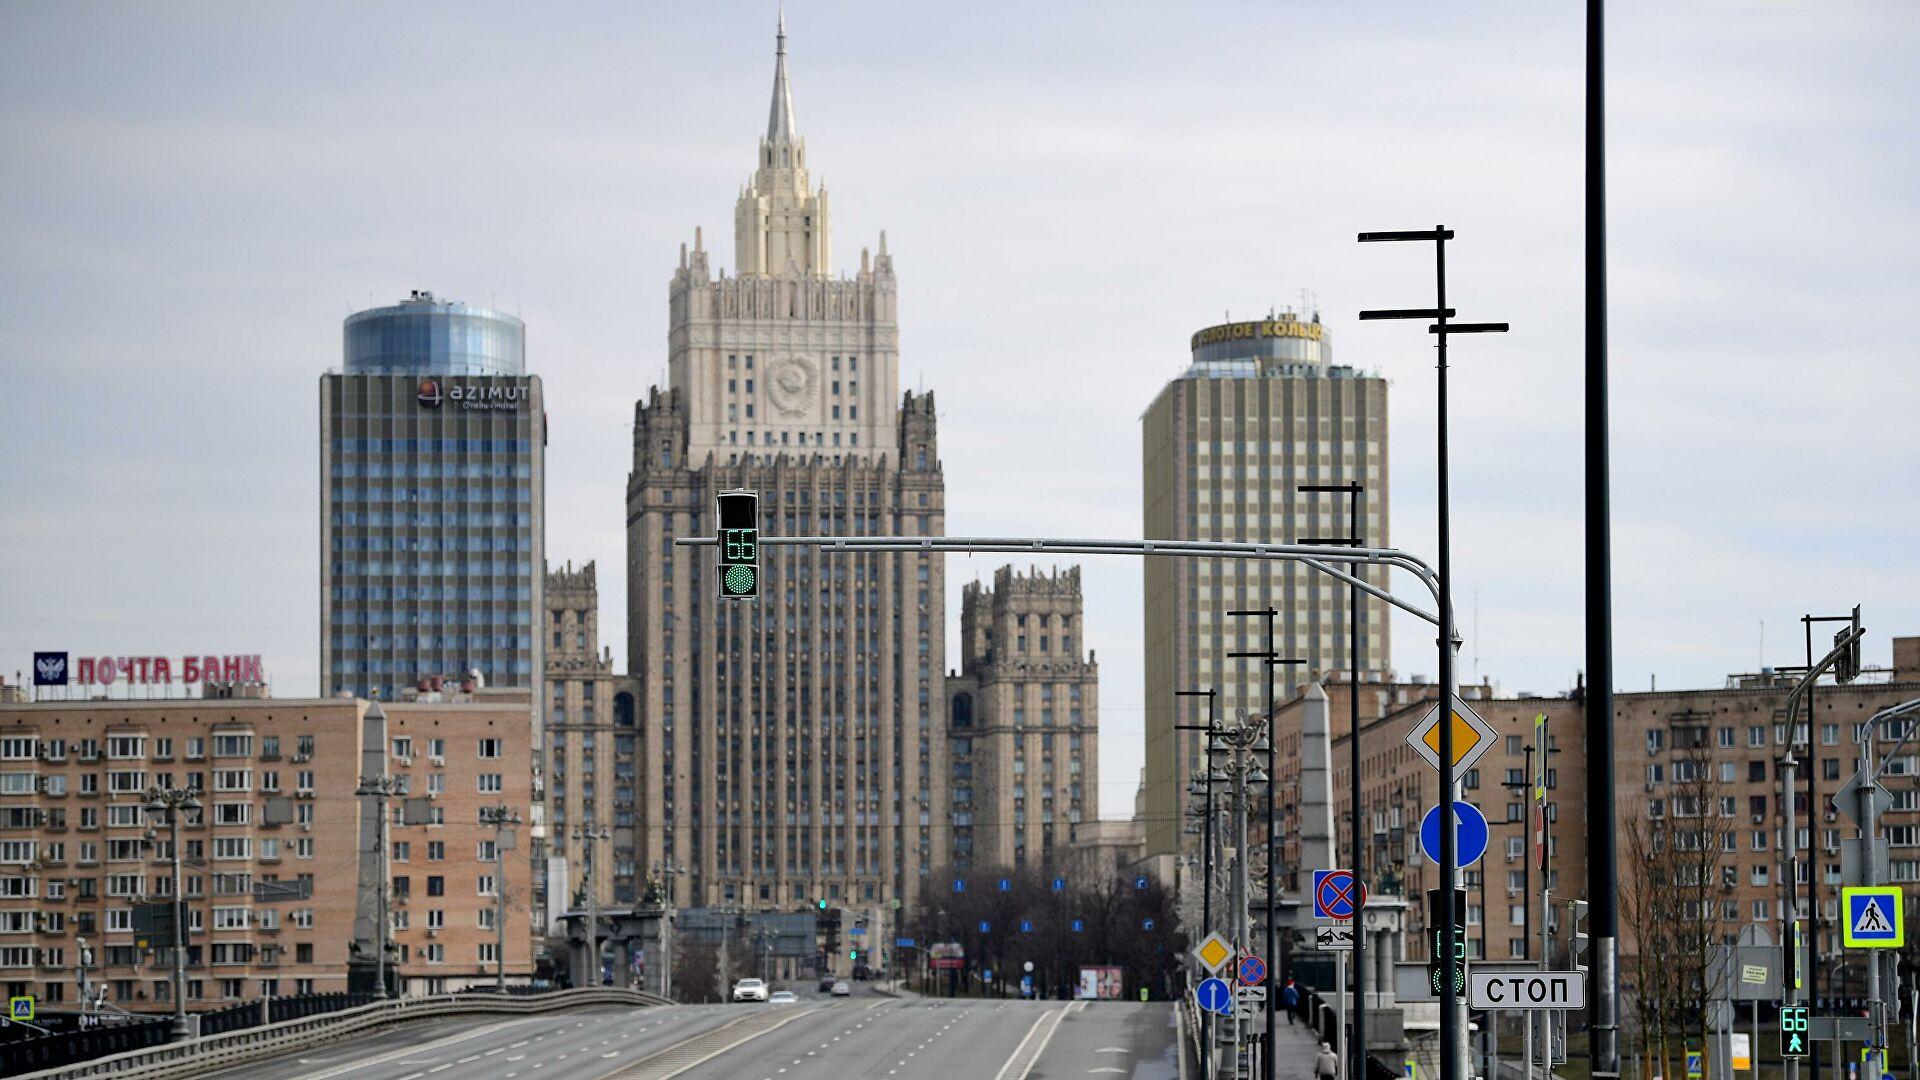 Москва позвала Лондон да одустане од неосноване конфронтационе политике